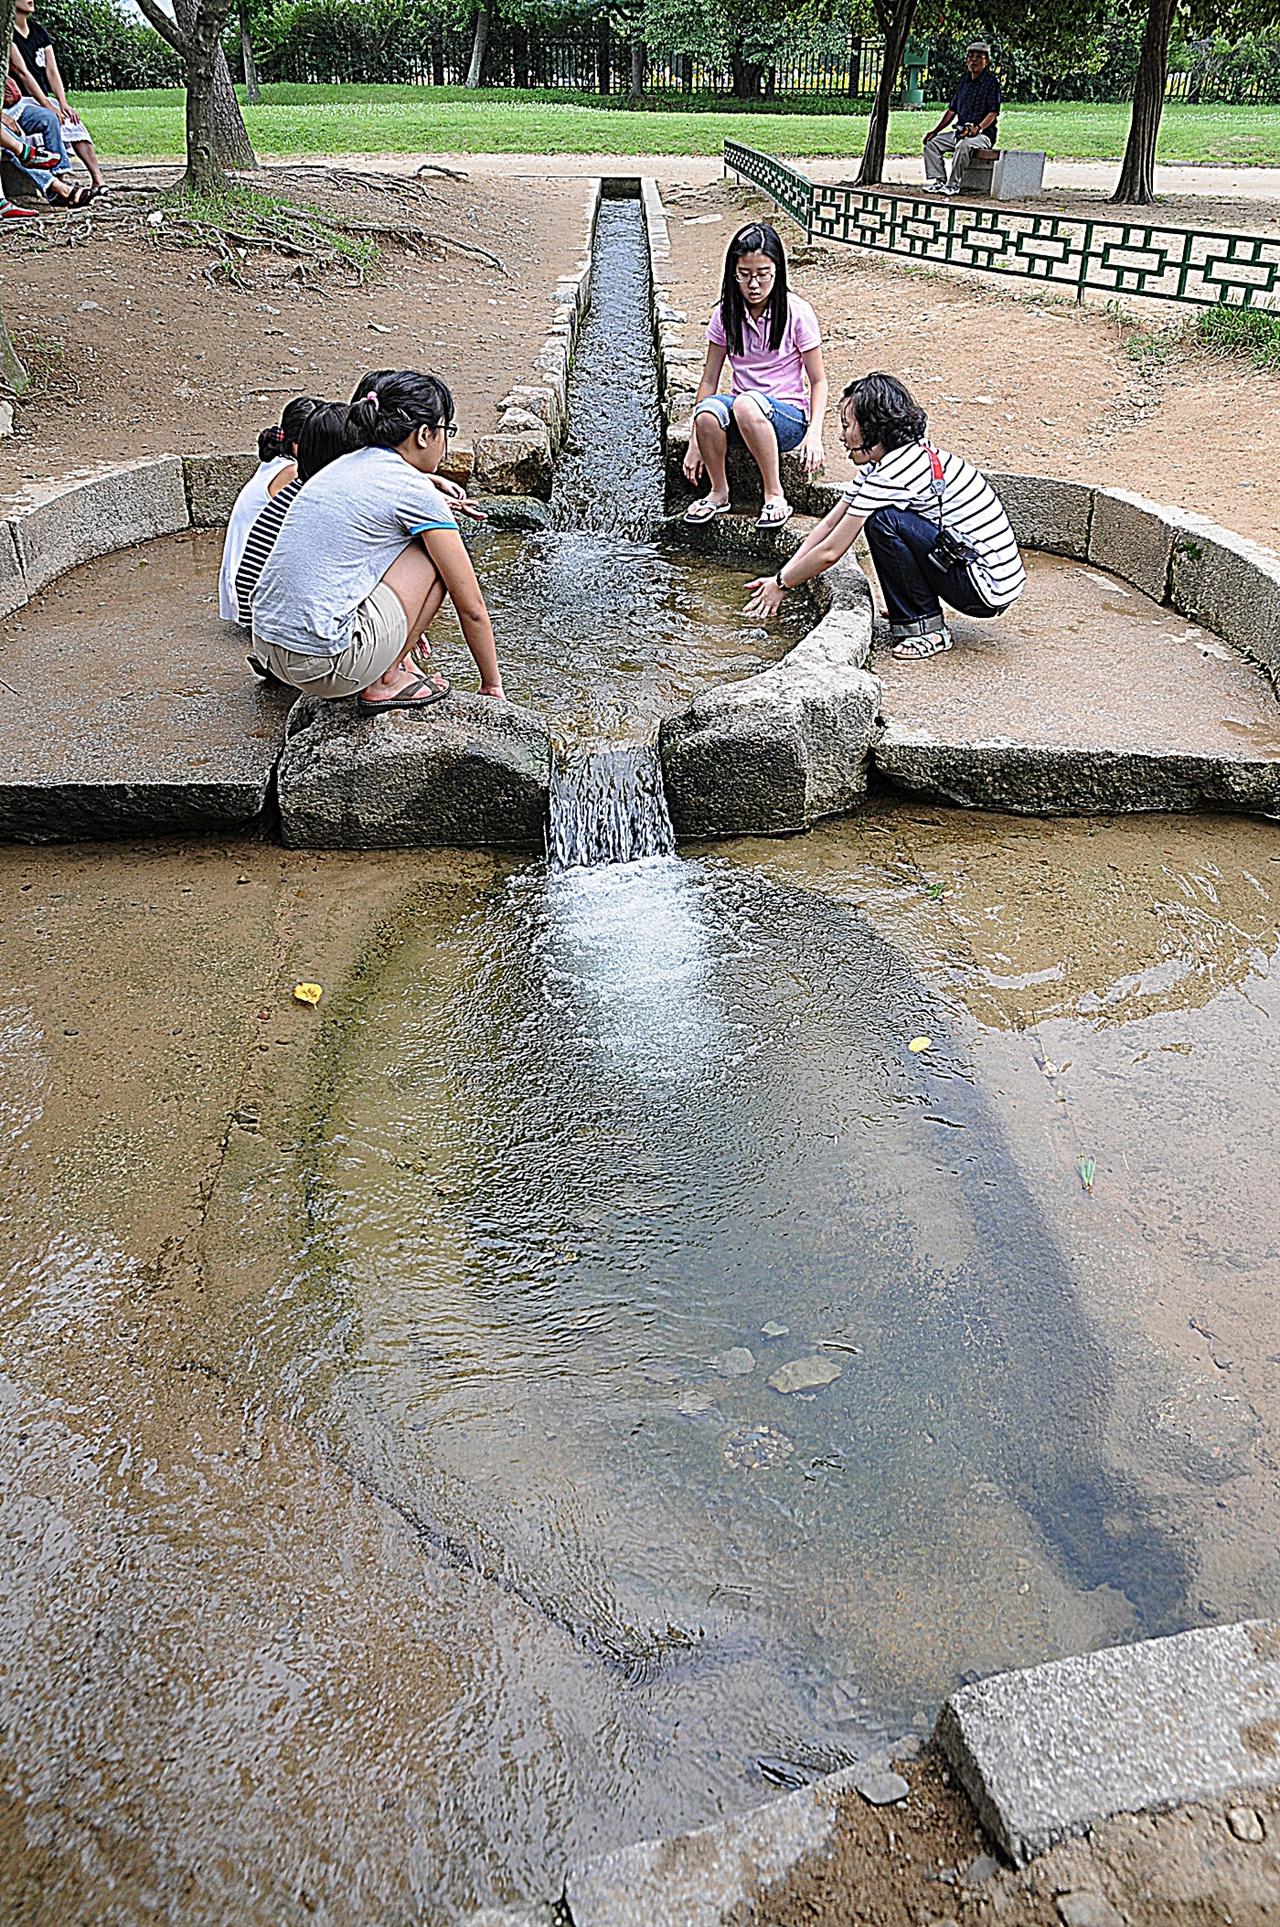 월지 입수구 월지로 물이 들어오는 입수구를 복원해놓았다. 사람들은 물에 손을 넣고 피서 즐기기에 바쁘다.